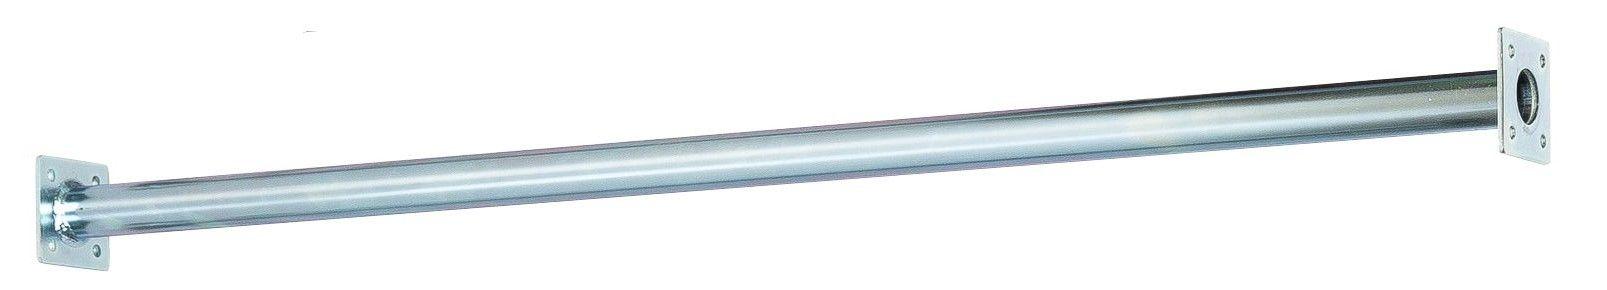 FlexTube 910 mm